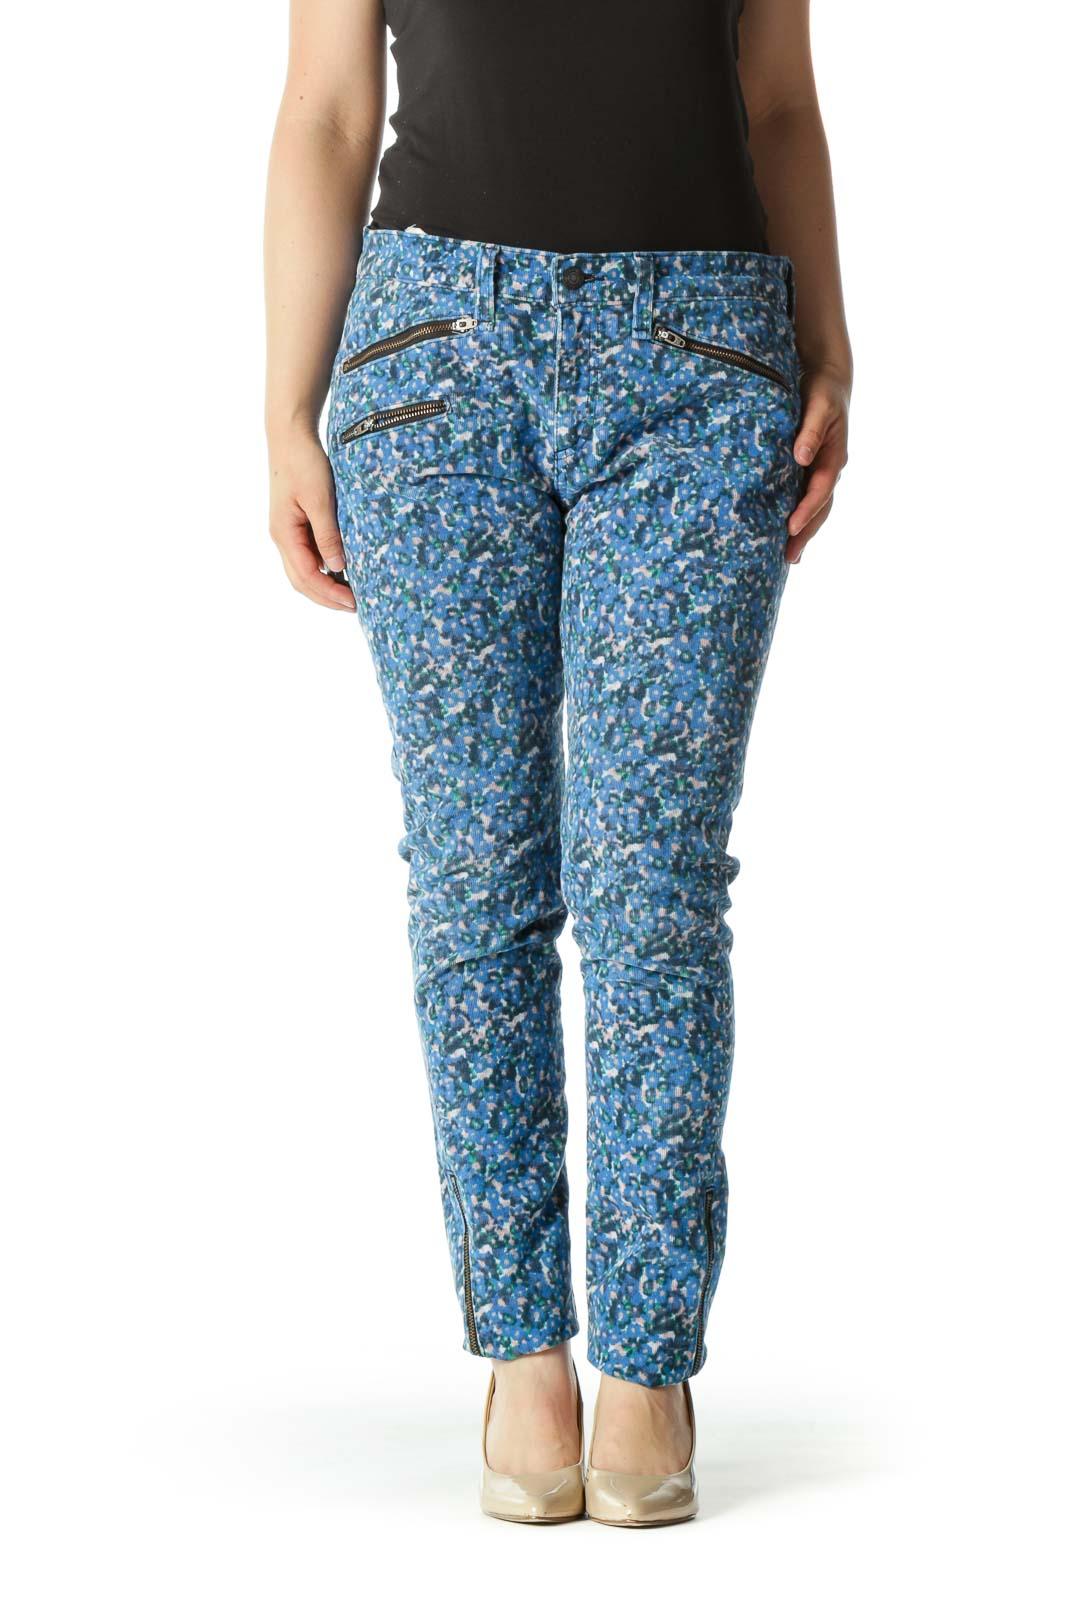 Blue White Pink Cotton Floral Print Corduroy Zipper Details Pants Front